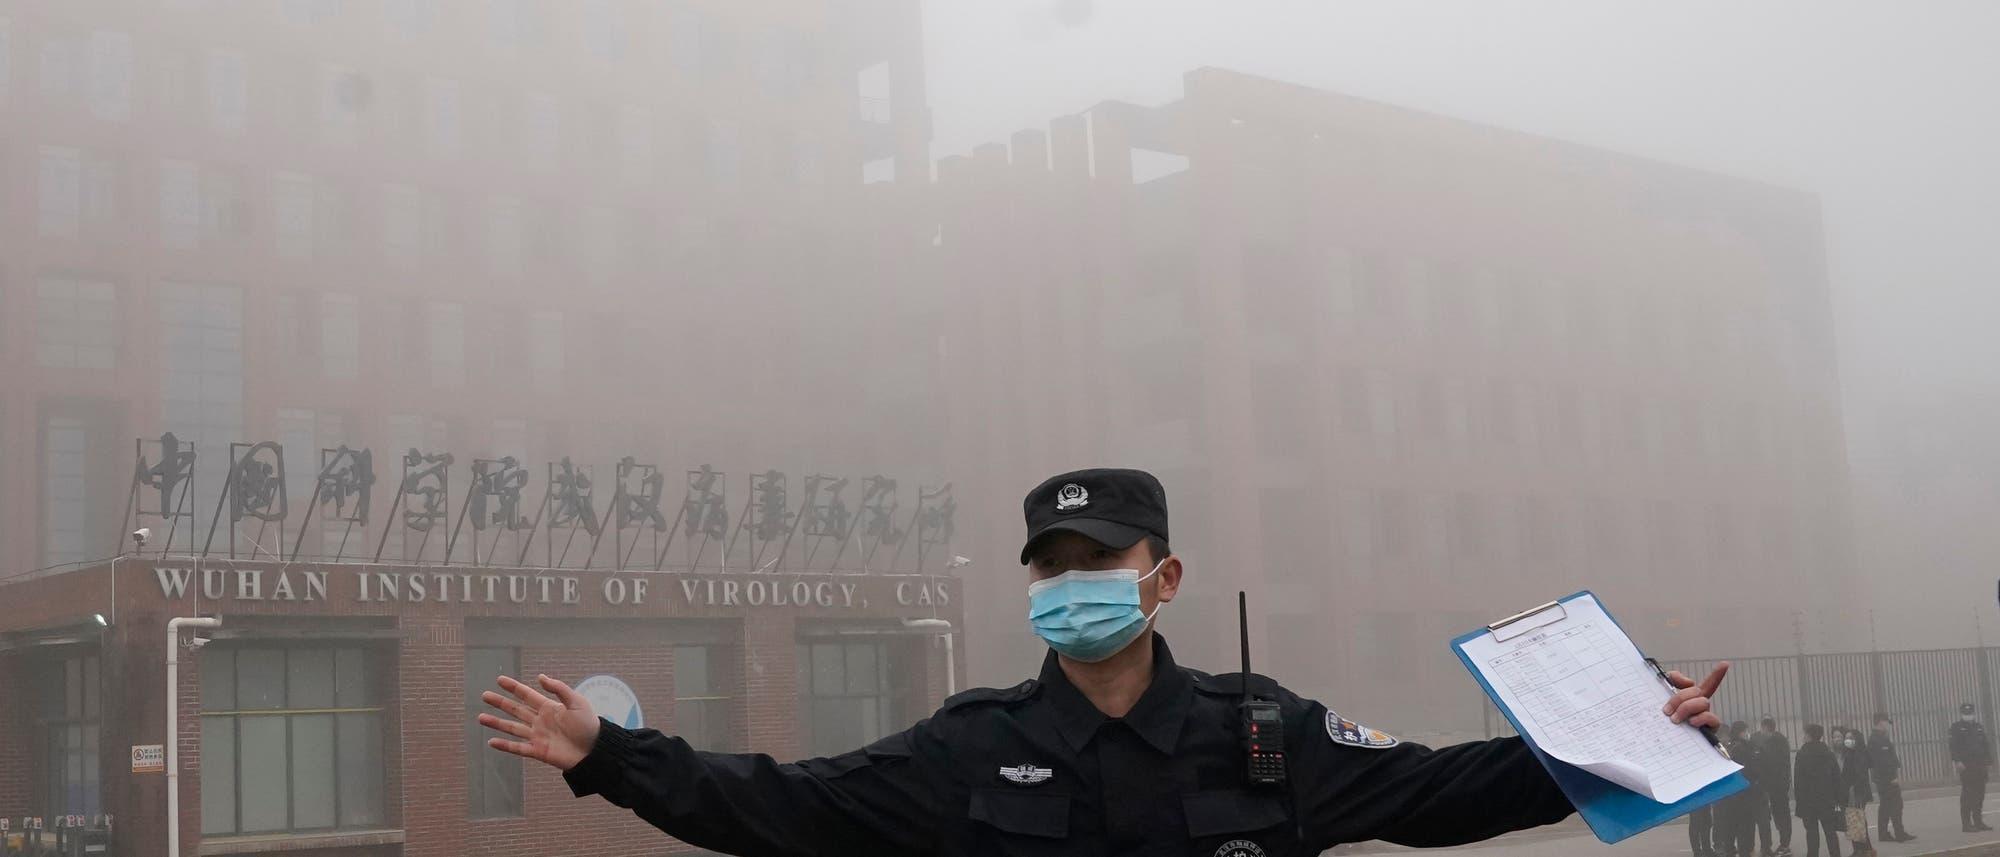 Ordnungshüter vor dem Wuhan Institute of Virology